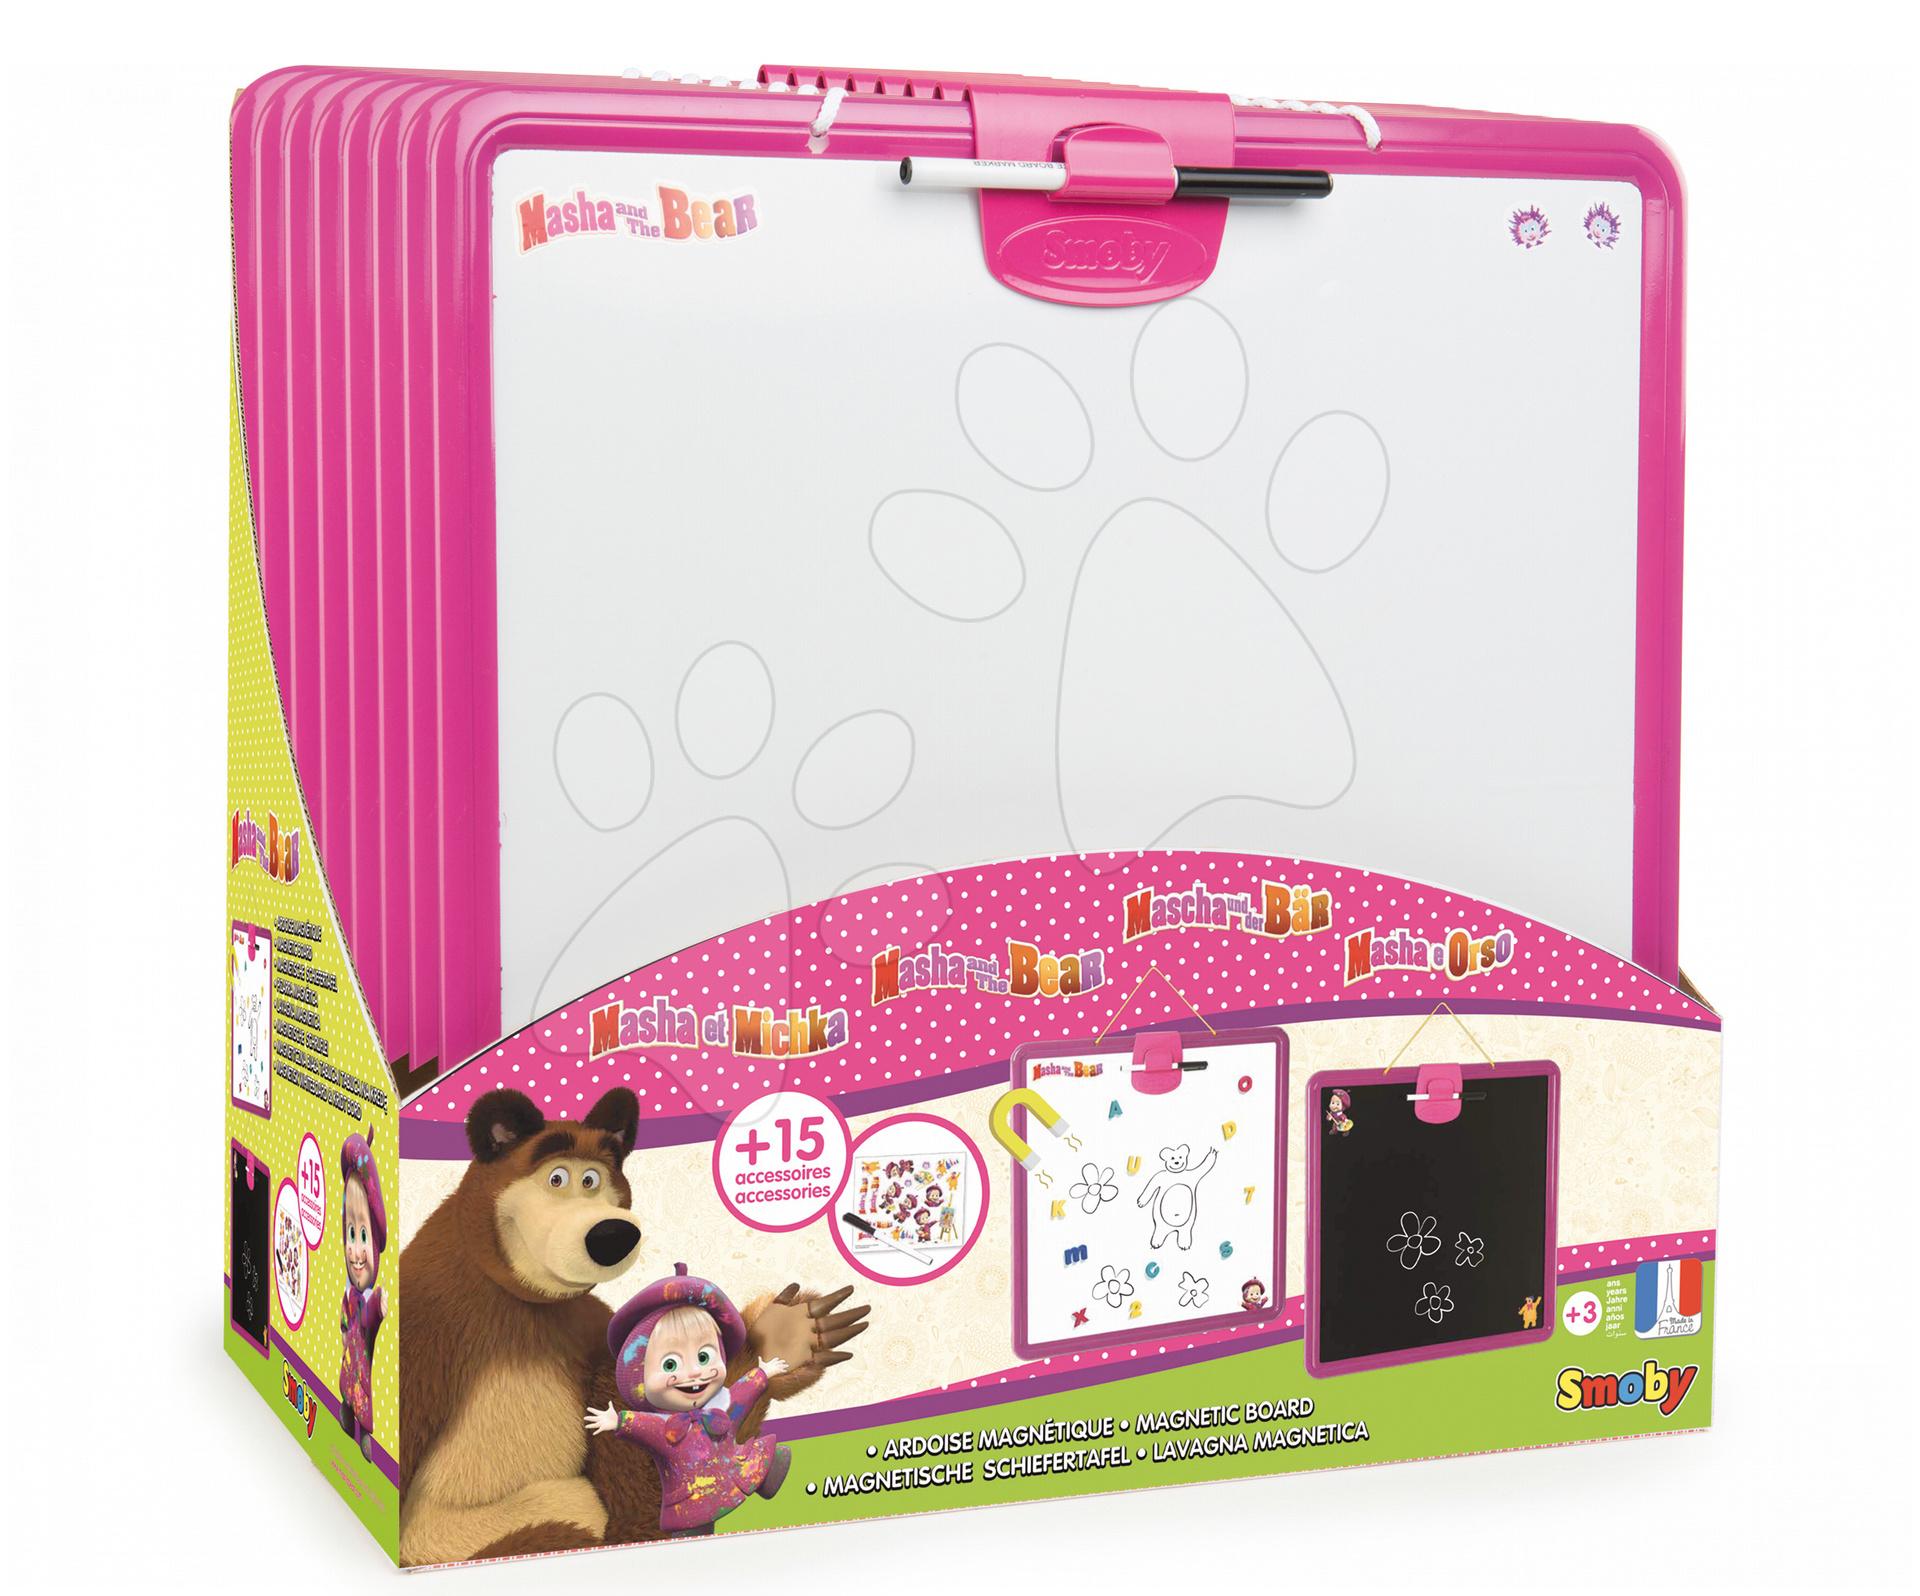 Školní tabule Máša a medvěd Smoby magnetická, oboustranná na zavěšení s perem a 15 doplňky